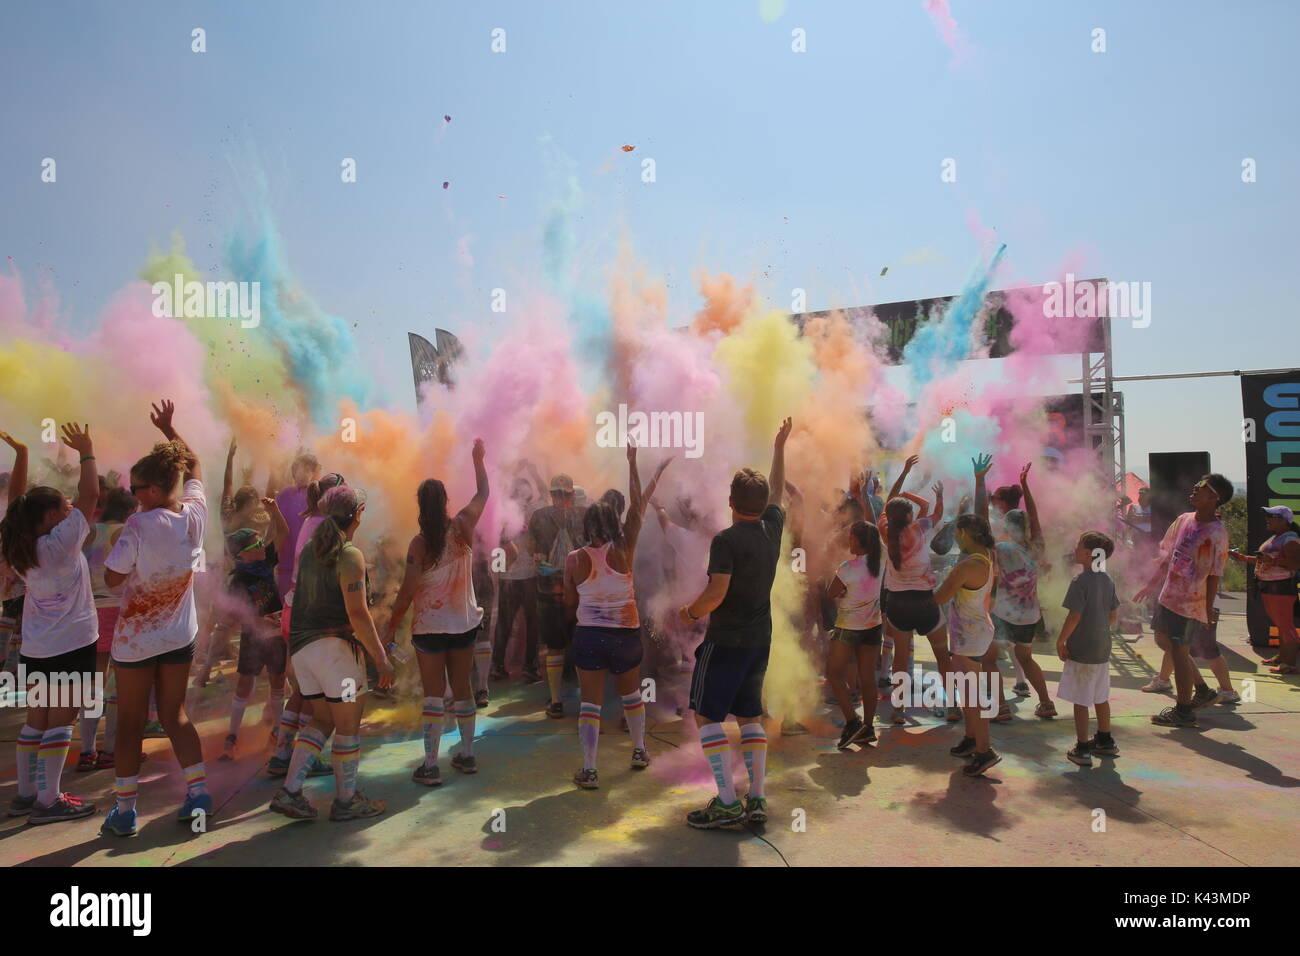 Glissières de jeter les bombes de couleur dans l'air après avoir terminer le Color Me Rad 5K de marathon au Marine Corps Air Station Miramar, 22 août 2015 à San Diego, Californie. (Photo de Kimberlyn Adams via Planetpix) Photo Stock